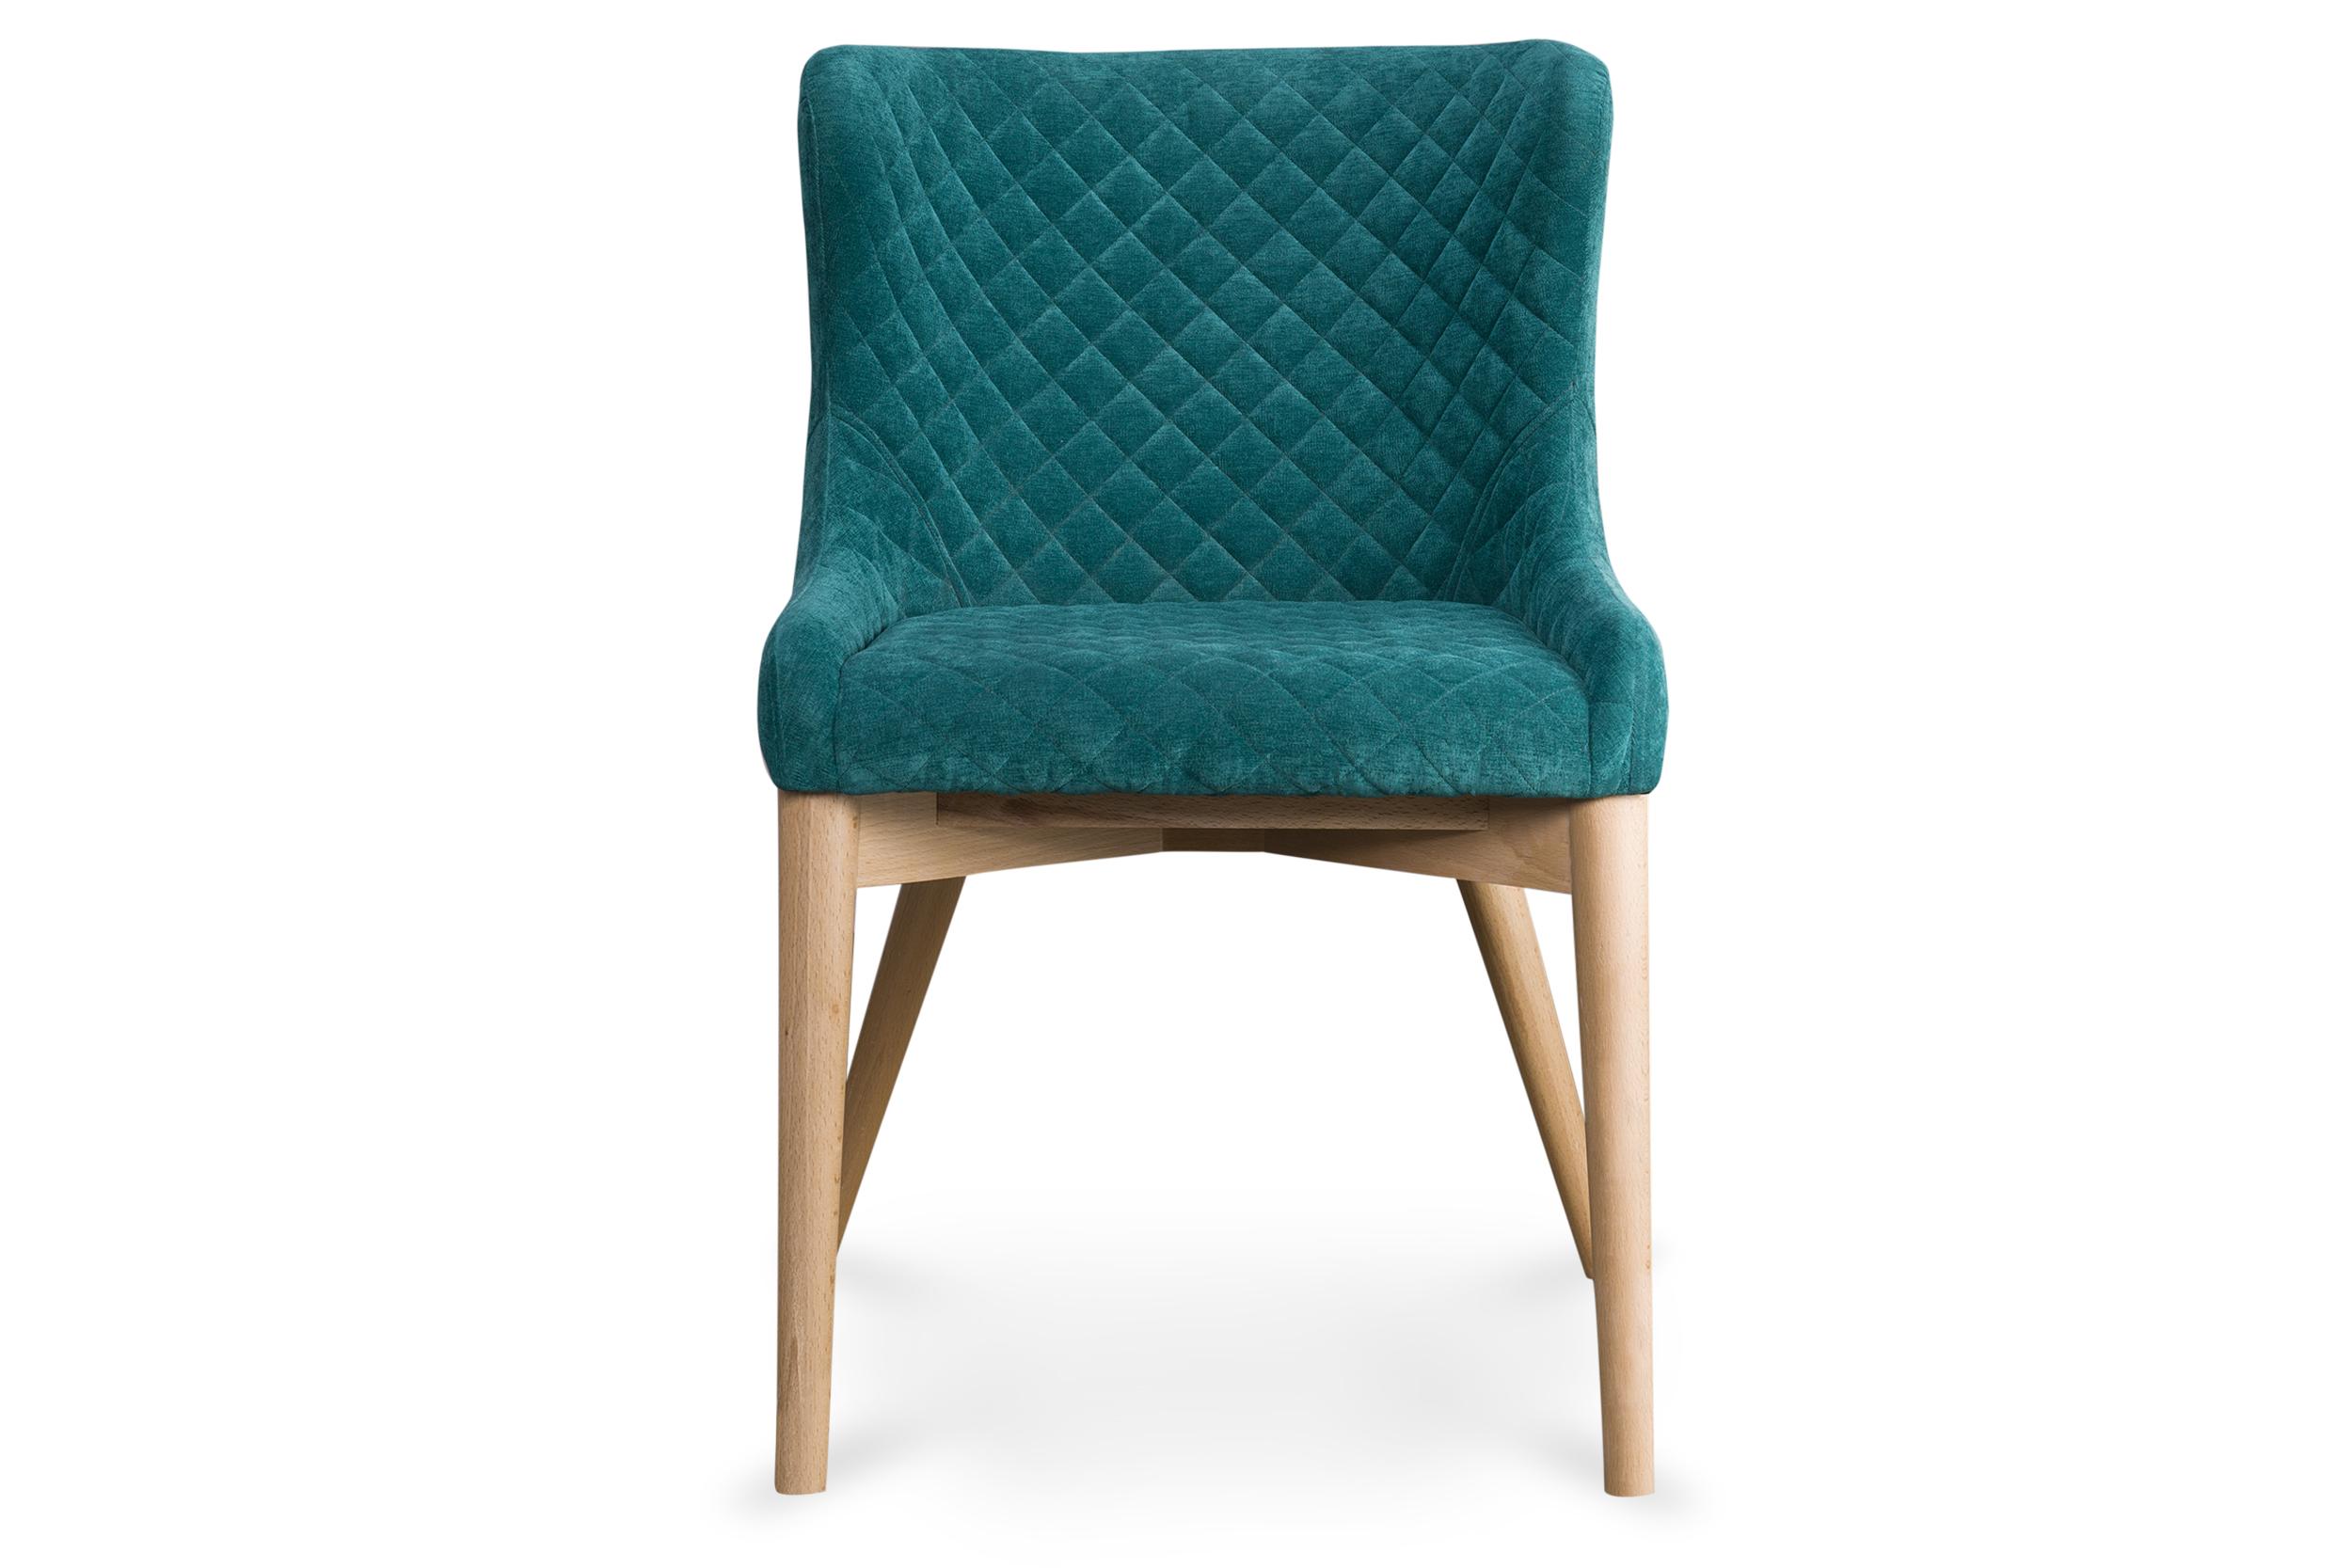 Стул BregelОбеденные стулья<br>&amp;lt;div&amp;gt;В это трудно поверить, но некоторые люди предпочитают обедать сидя на диванах. Просто у этих людей нет правильных обеденных стульев, таких как &amp;quot;Bregel&amp;quot;. Глубокая обволакивающая посадка и стильная стежка этого стула сделают ваш обед еще более приятным.&amp;lt;br&amp;gt;&amp;lt;/div&amp;gt;&amp;lt;div&amp;gt;&amp;lt;br&amp;gt;&amp;lt;/div&amp;gt;&amp;lt;div&amp;gt;Высота сидения: 47 см.&amp;lt;/div&amp;gt;&amp;lt;div&amp;gt;Заказ с обивкой со стежкой возможен от 20 штук. Заказ в обычной ткани возможен от 1 шт. Подробности уточняйте у менеджера.&amp;amp;nbsp;&amp;lt;br&amp;gt;&amp;lt;/div&amp;gt;<br><br>Material: Бук<br>Ширина см: 50<br>Высота см: 80<br>Глубина см: 61